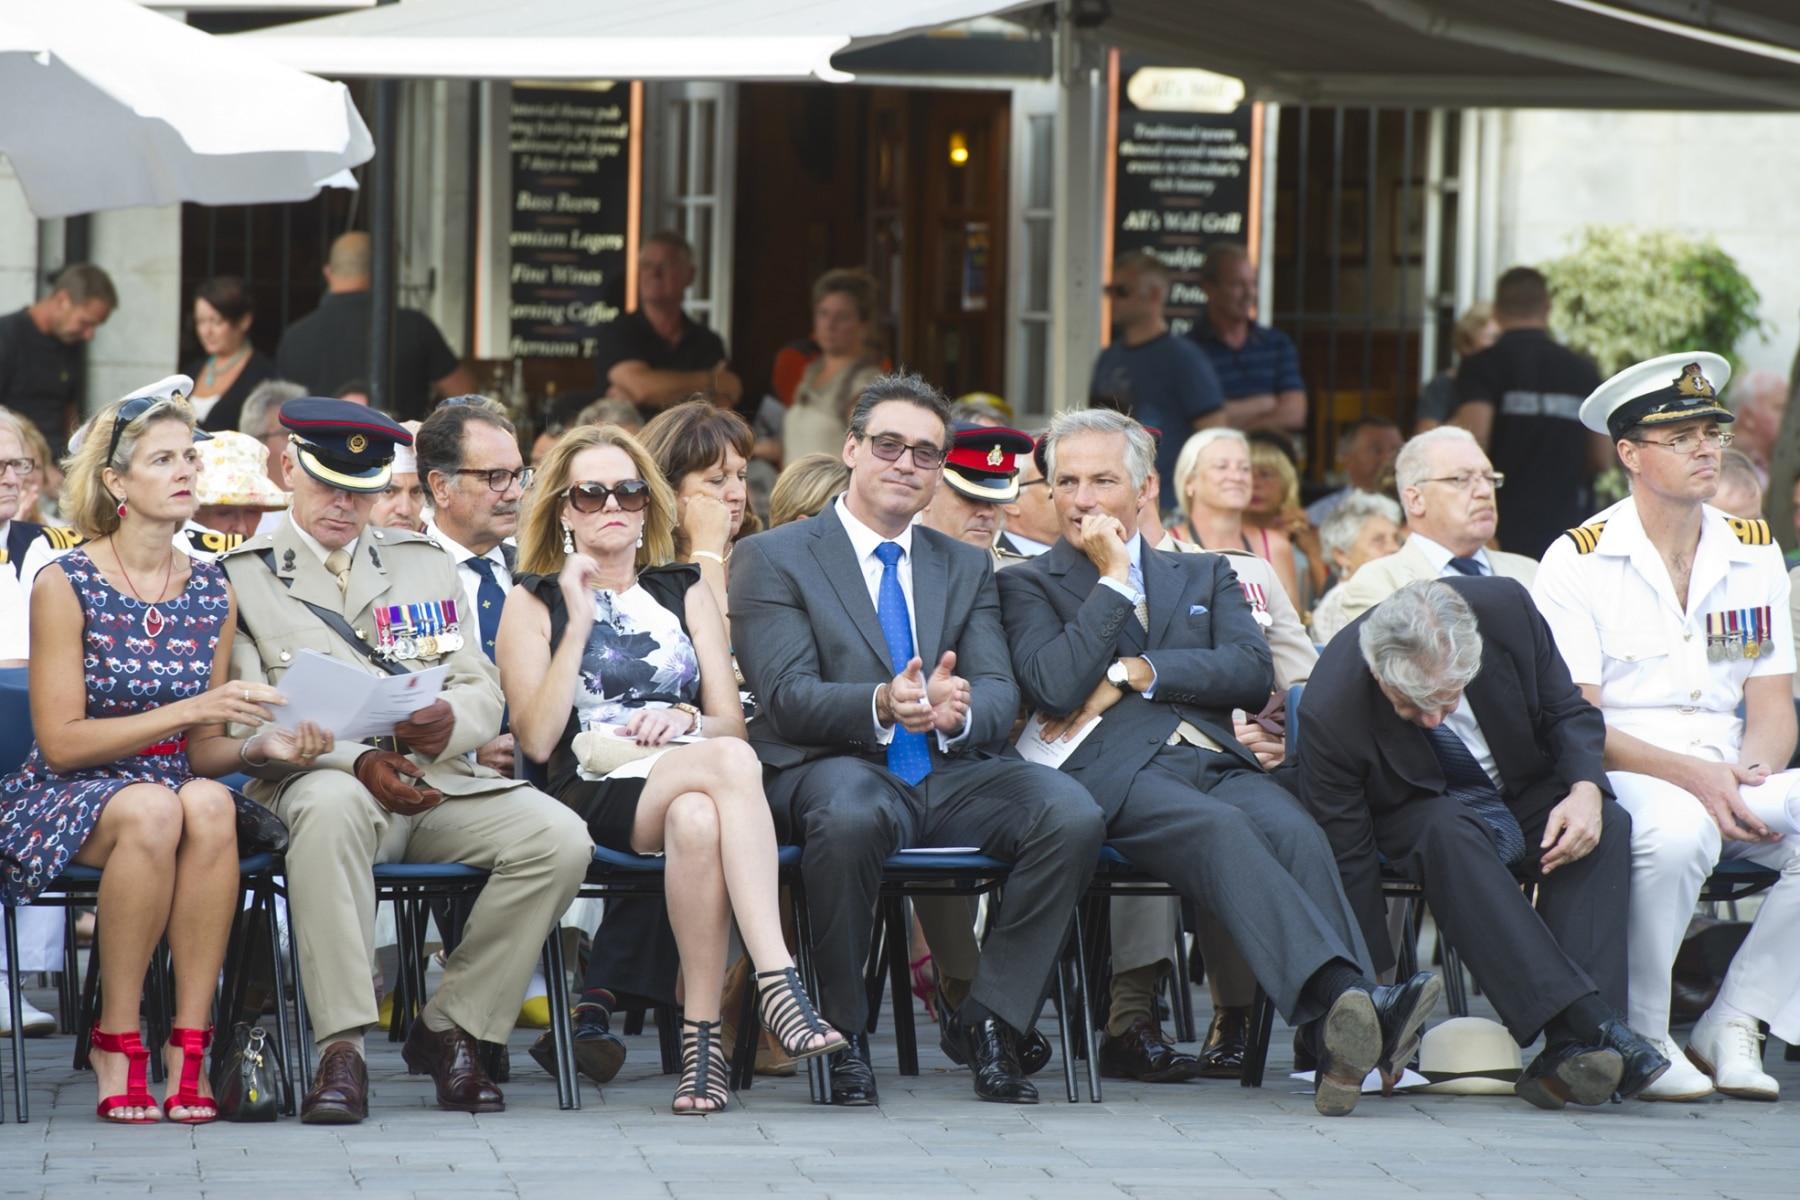 ceremonia-de-las-llaves-gibraltar-25092014-12_15357528872_o